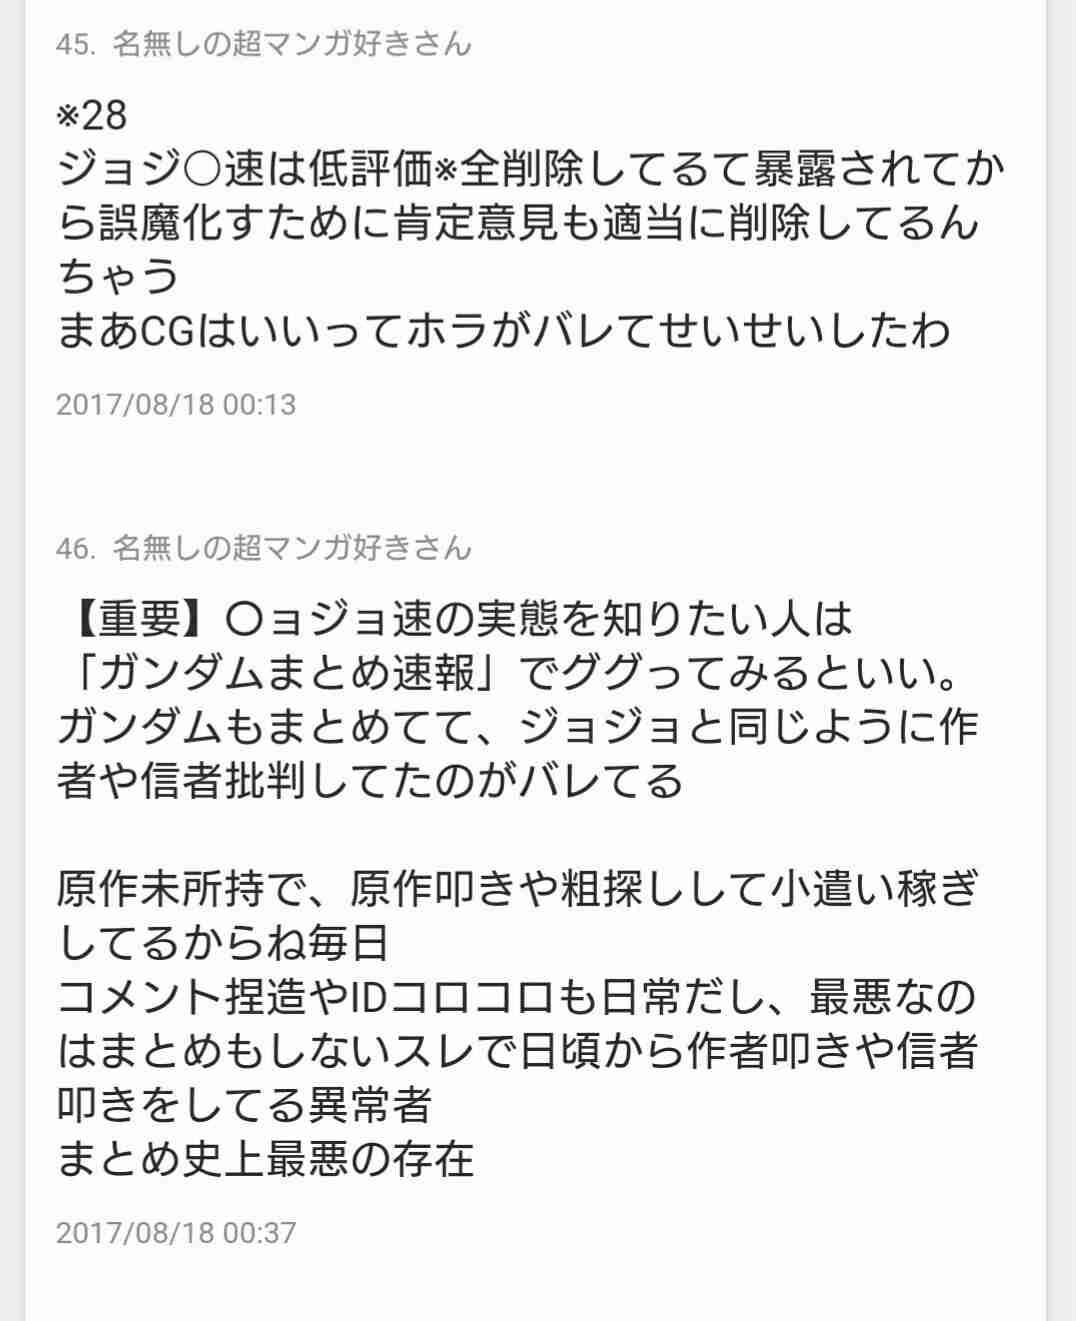 『ジョジョ』本編映像をYouTube上に大量放出で非難の嵐